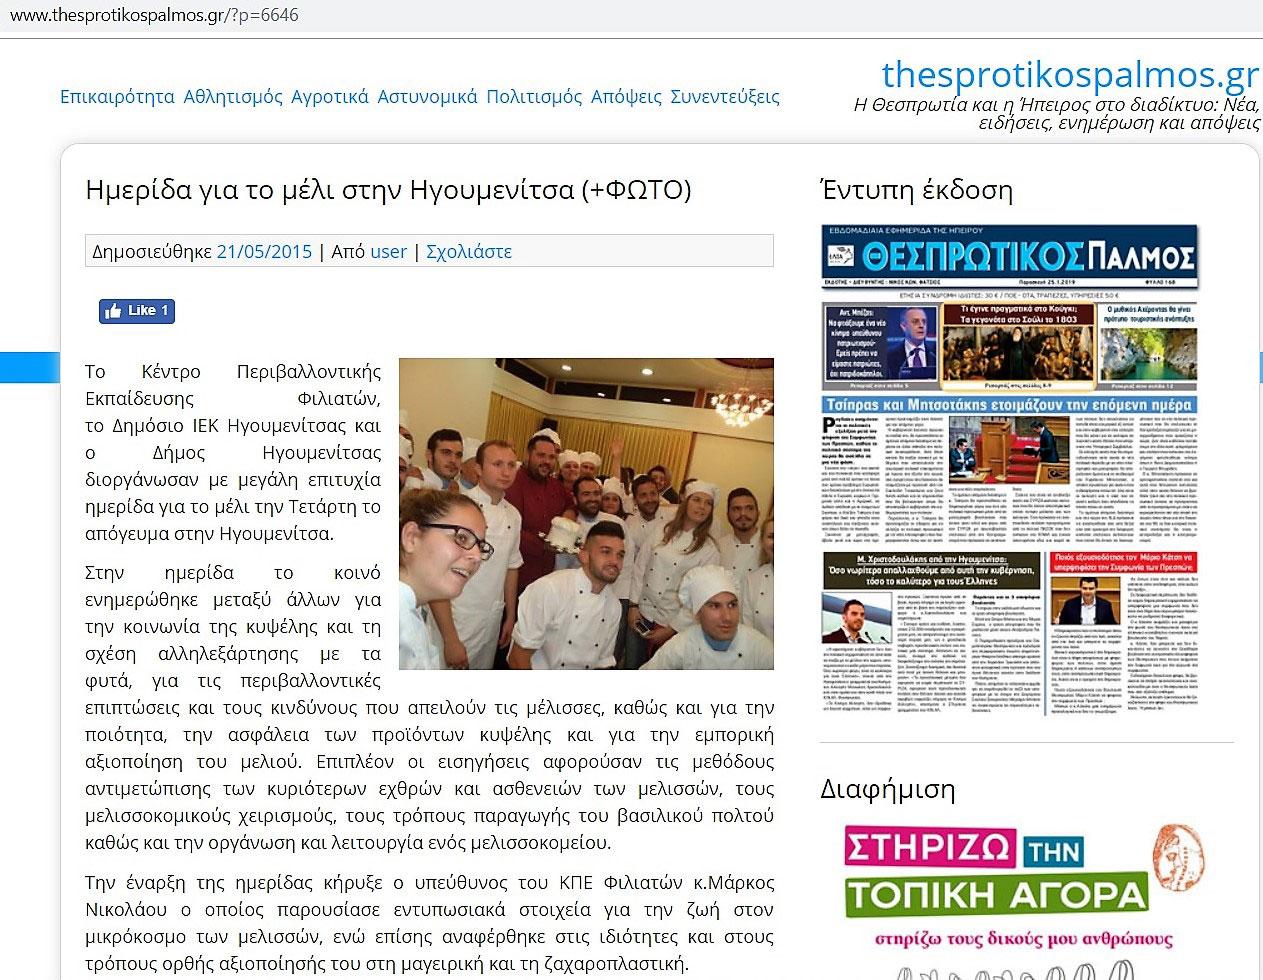 aksia-meliou-1-diaitologos-diatrofologos-ioannis-soupios